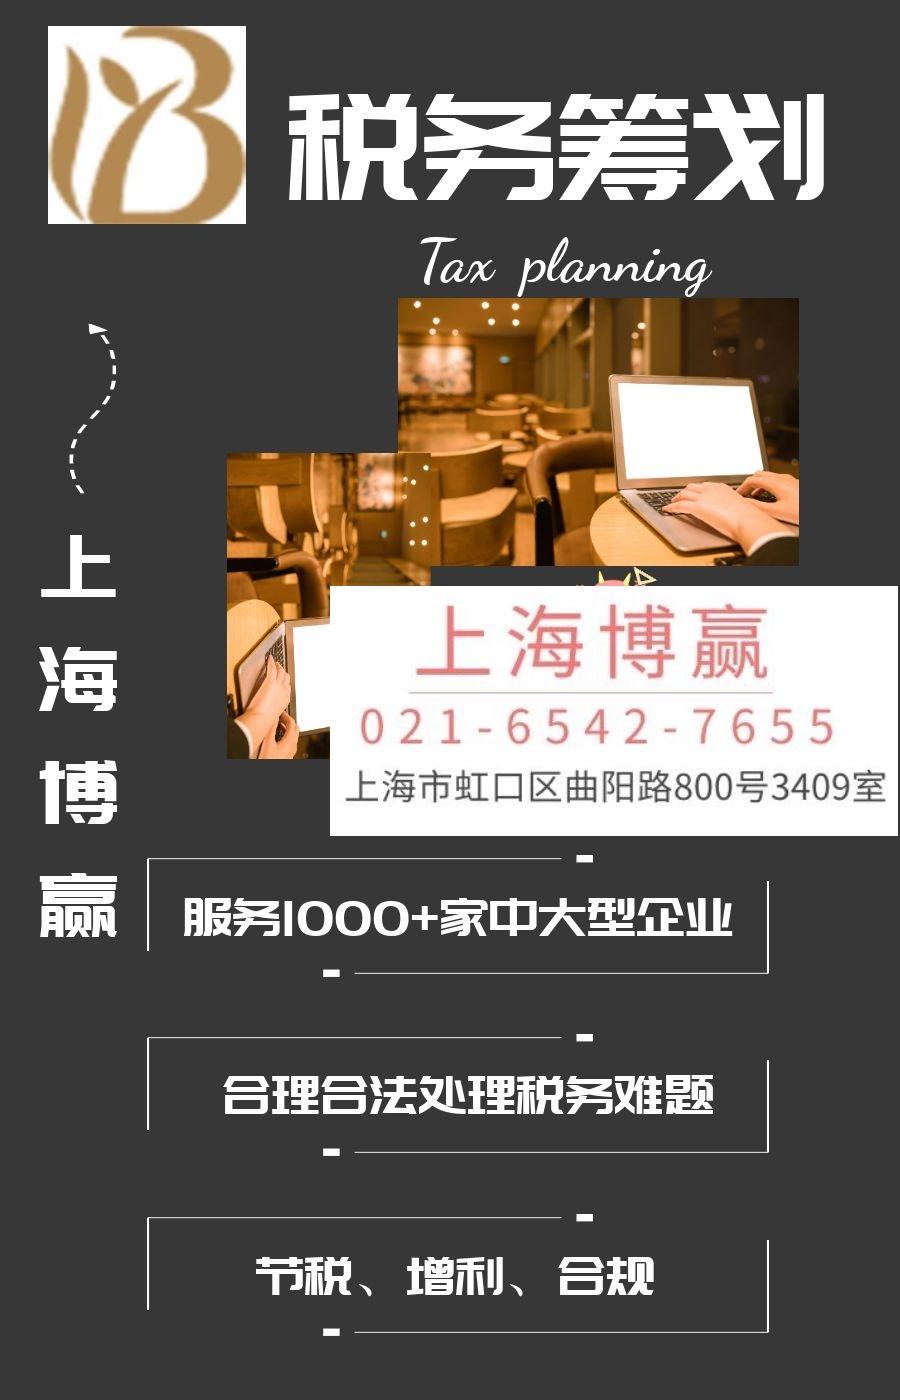 上海注册商标费用_商标和吊牌相关-上海博赢企业管理合伙企业(有限合伙)